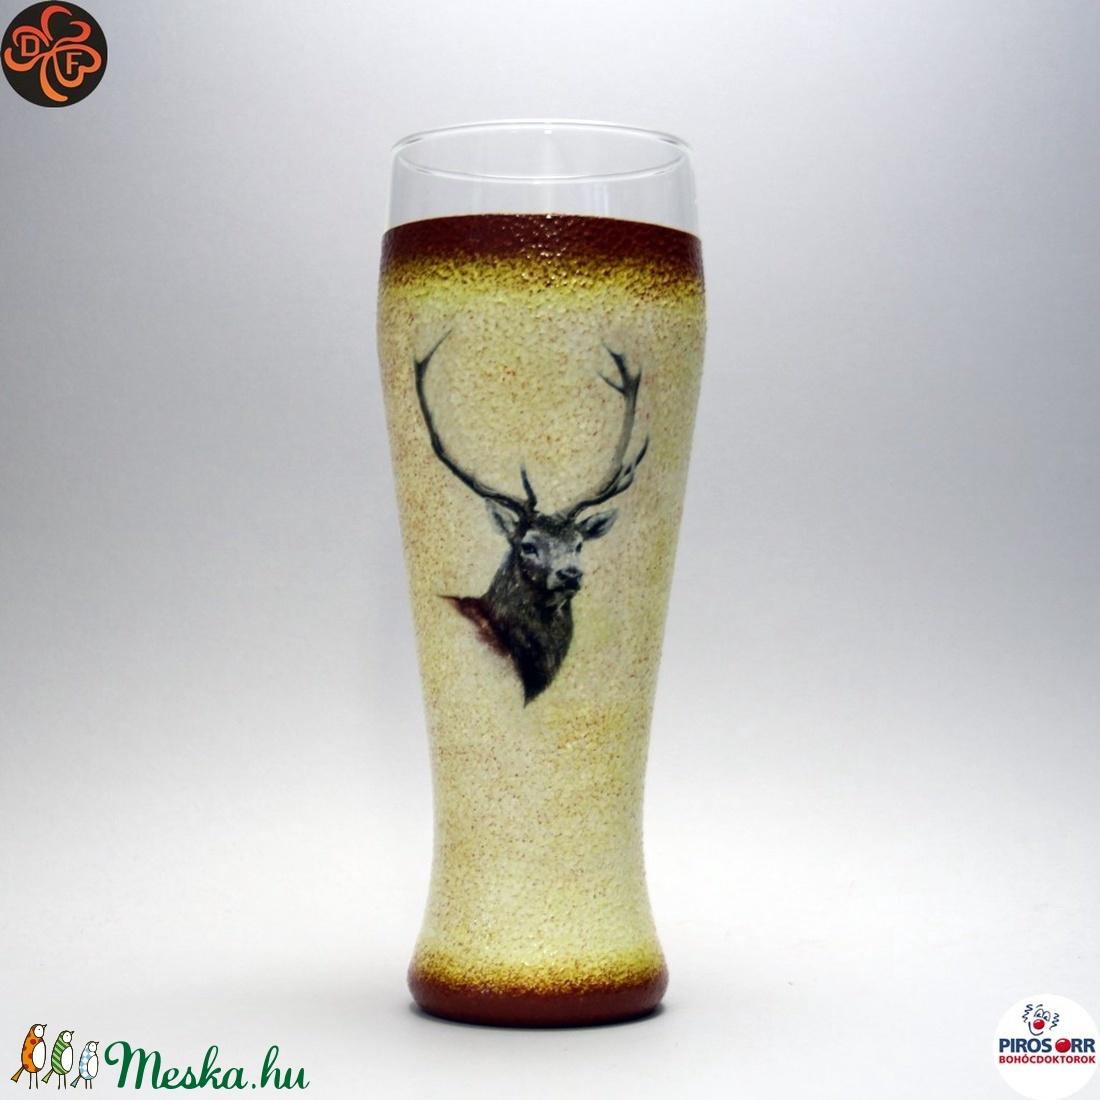 Vadász - szarvas képpel - sörös pohár ; A vadászat szerelmeseinek  - Meska.hu